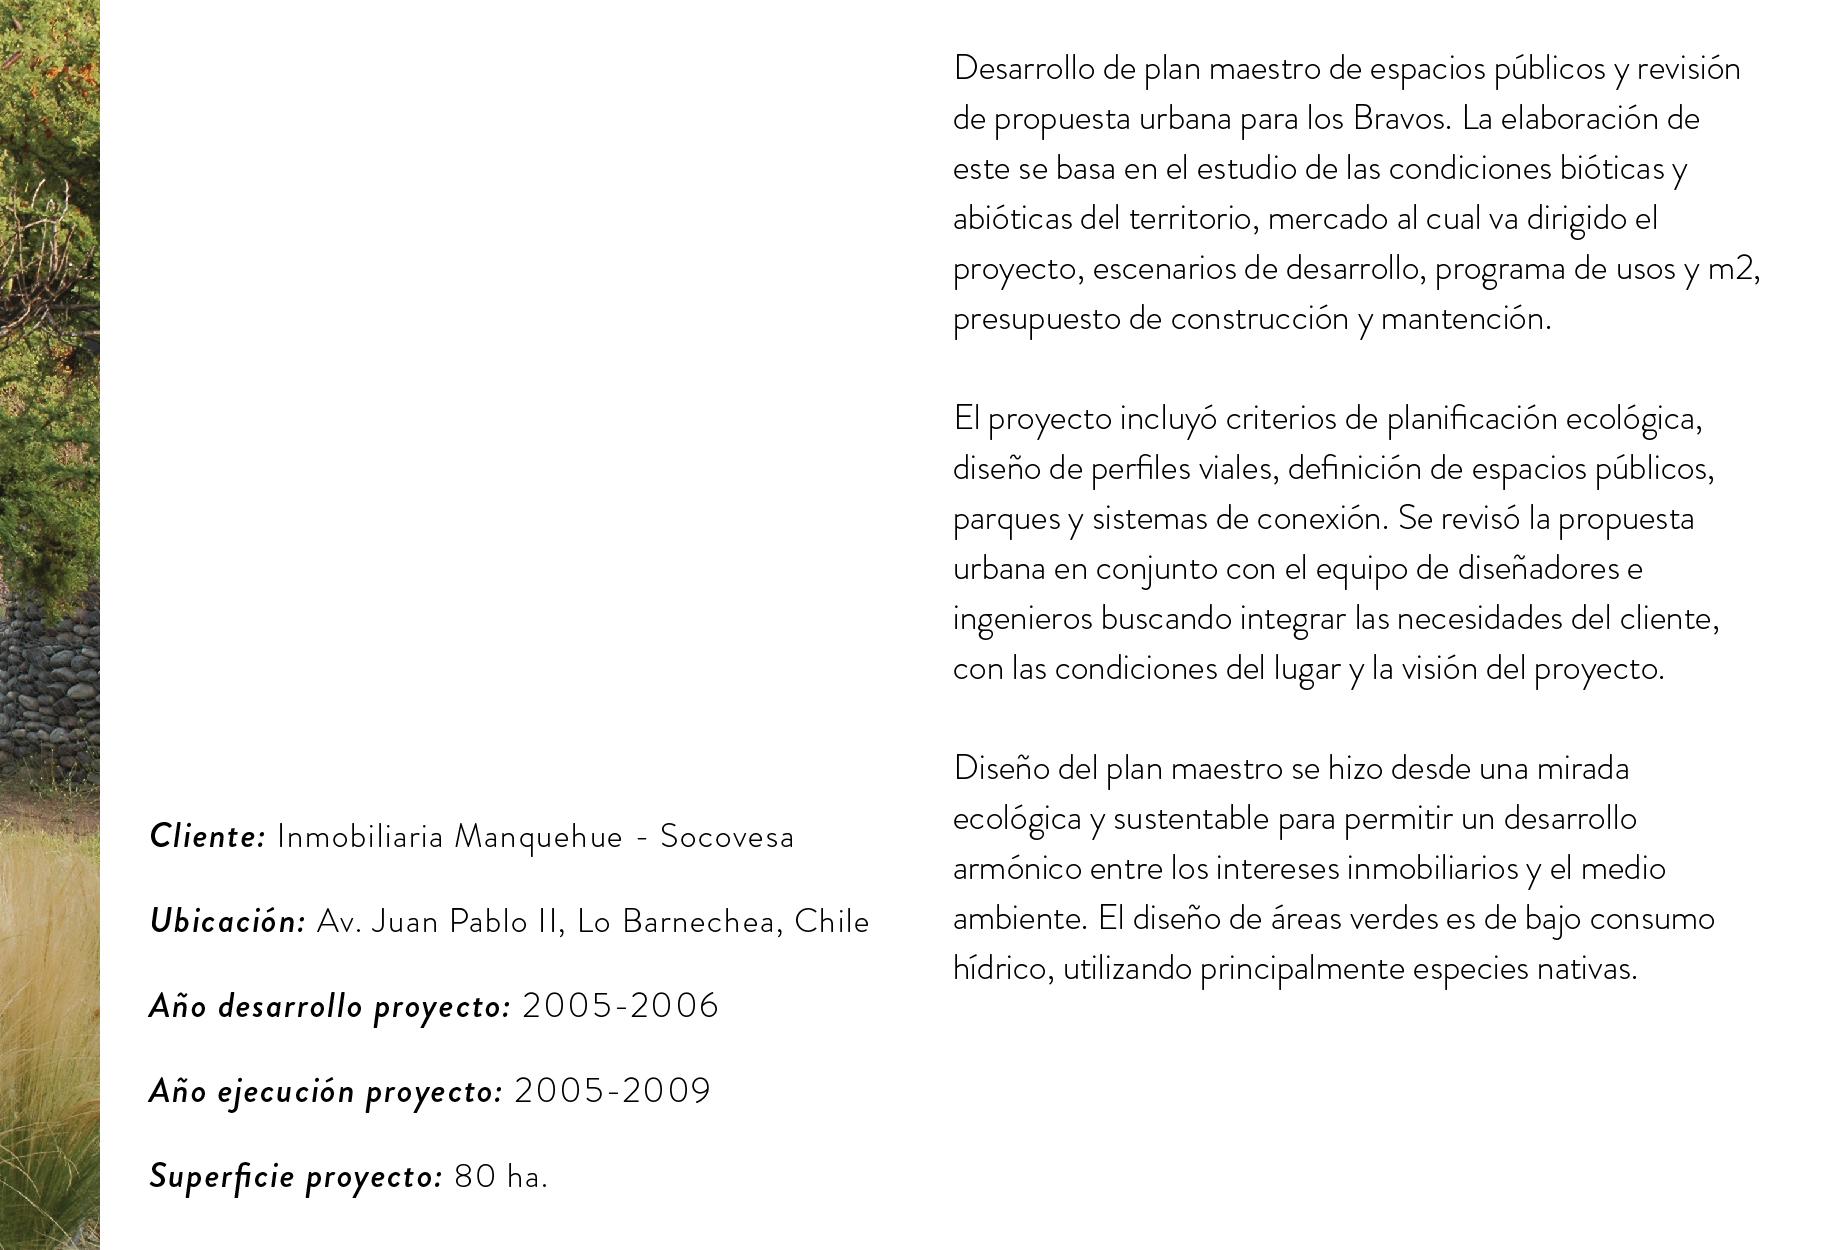 Formato Panoramico LOS BRAVOS-02.jpg